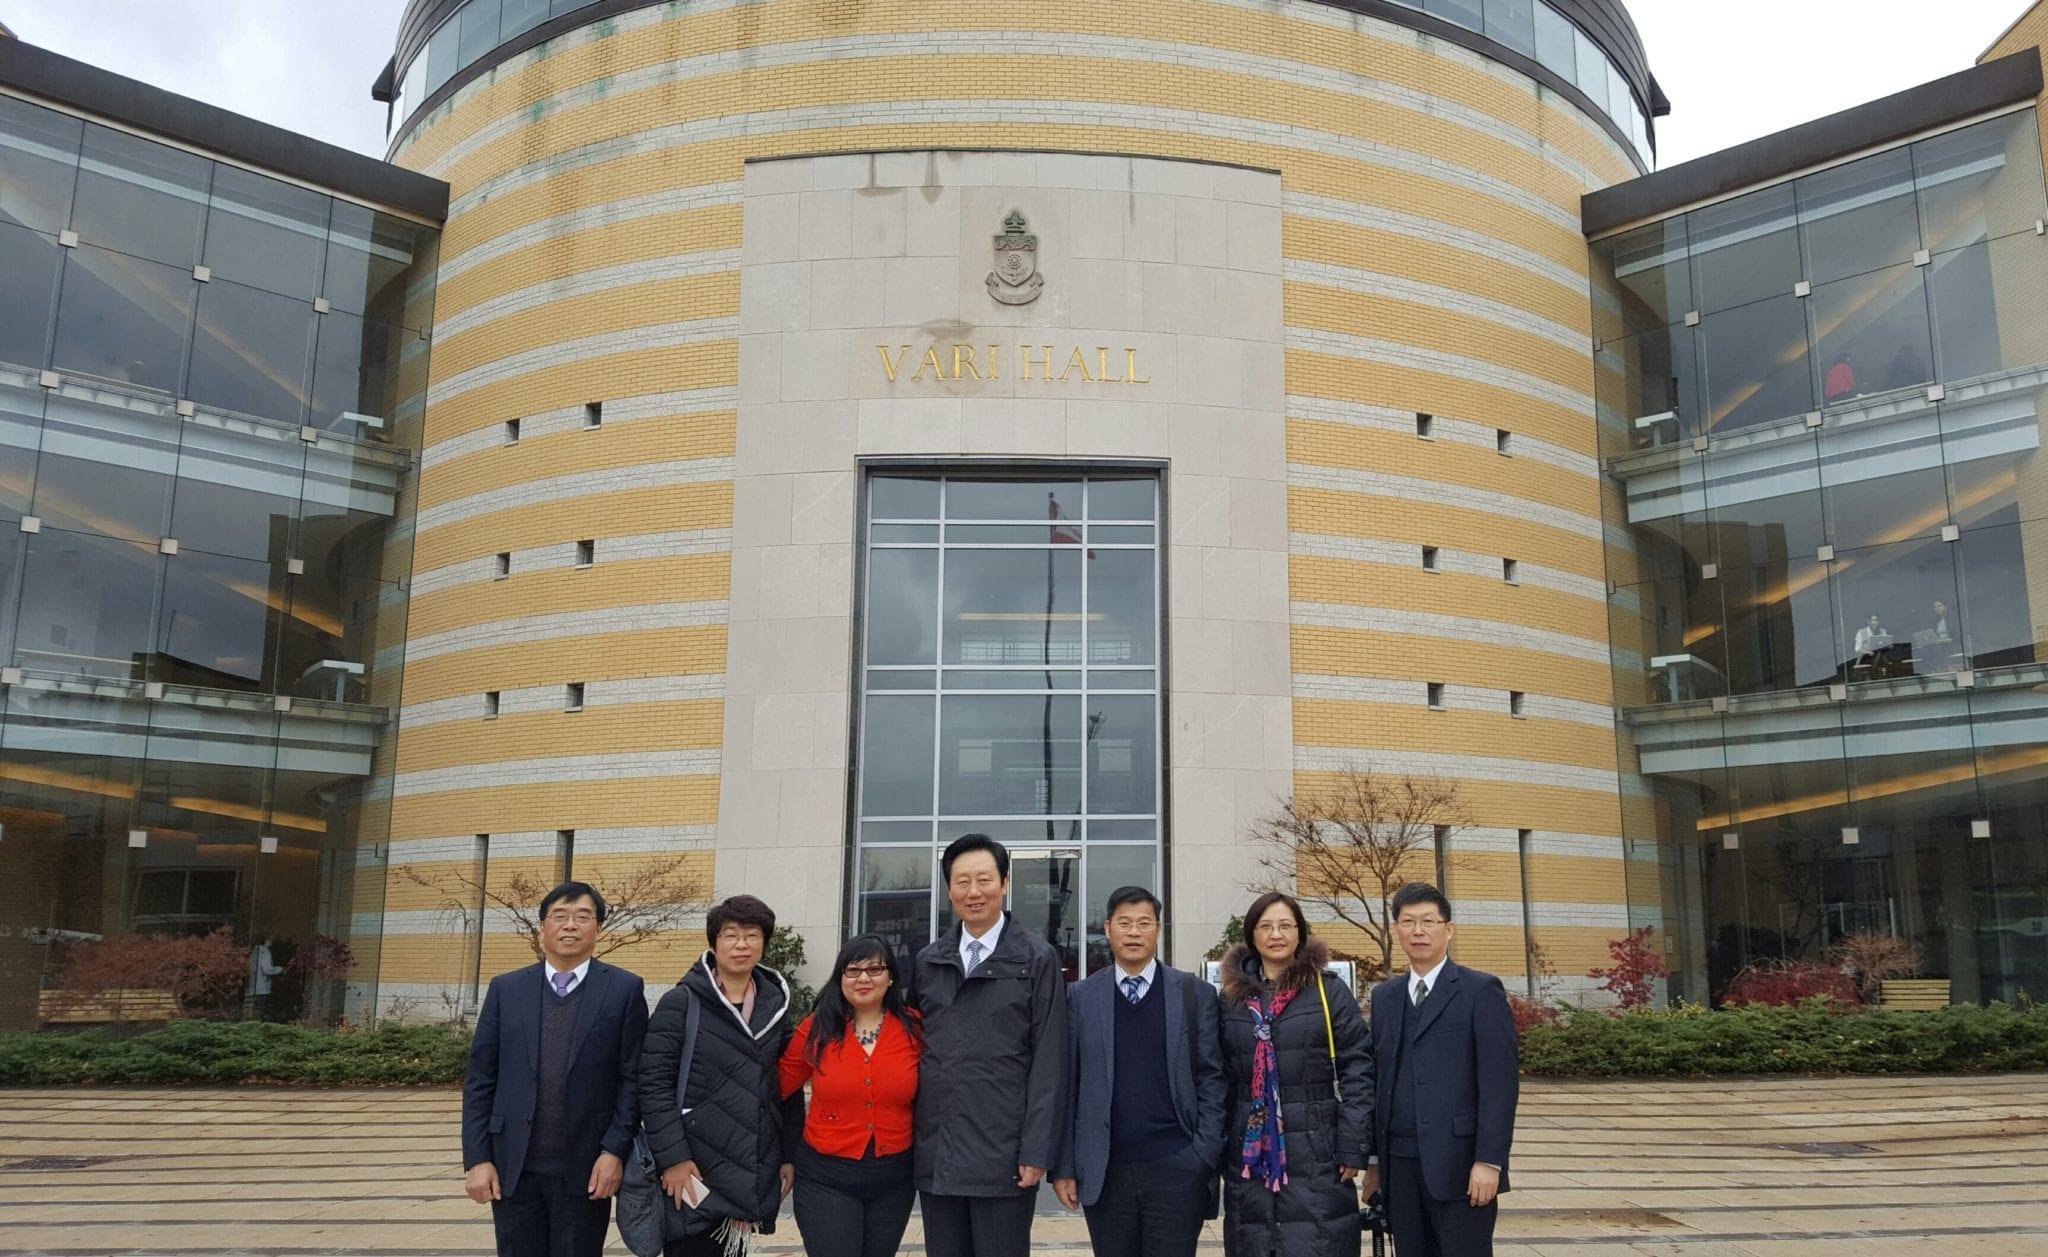 November 25, 2016 York International, Faculty of Liberal Arts and Professional Studies and Nantong University, China